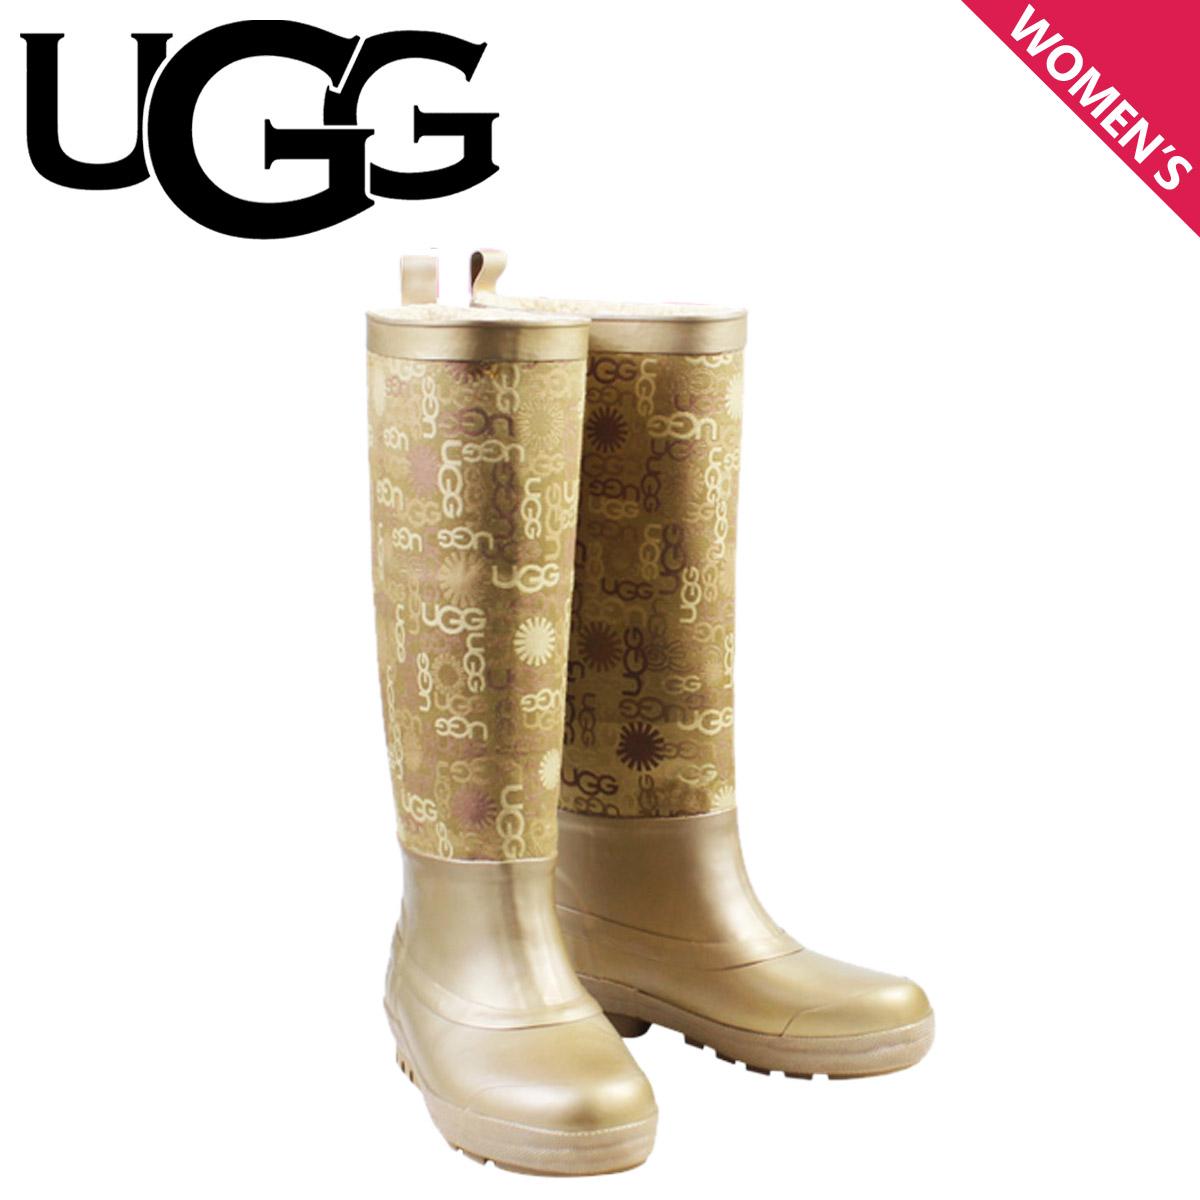 UGG アグ ブーツ レインブーツ ウォーリングフォード WOMENS WALLINGFORD 5700 ラバー レディース